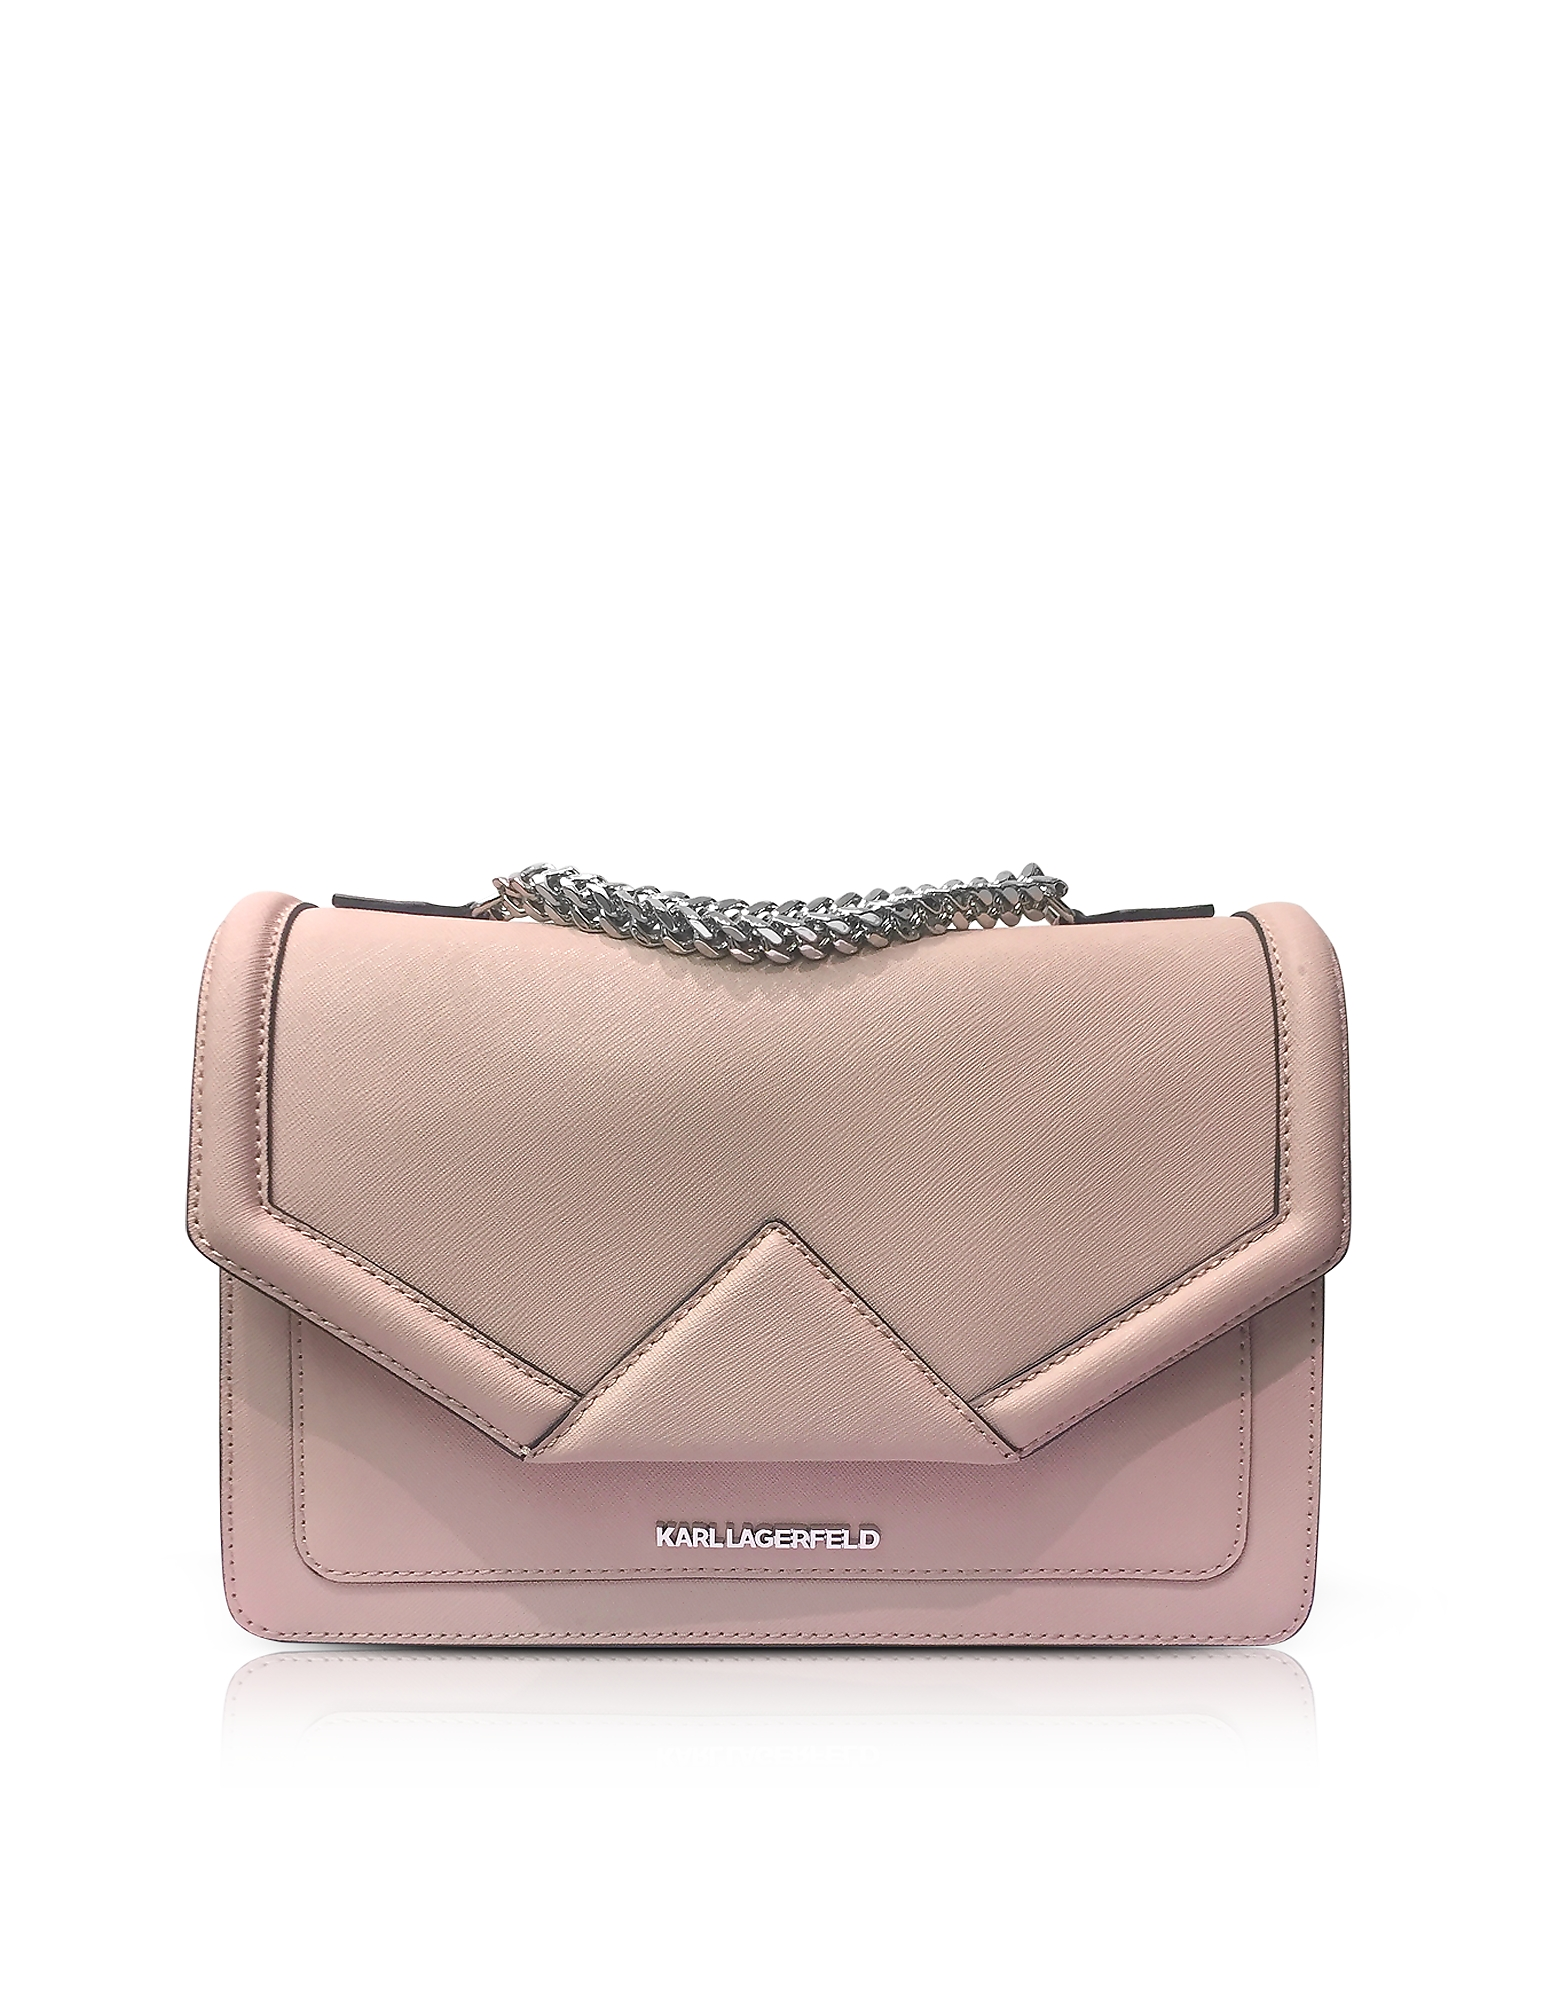 Karl Lagerfeld Handbags, K/Klassik Pink Ballet Leather Shoulder Bag